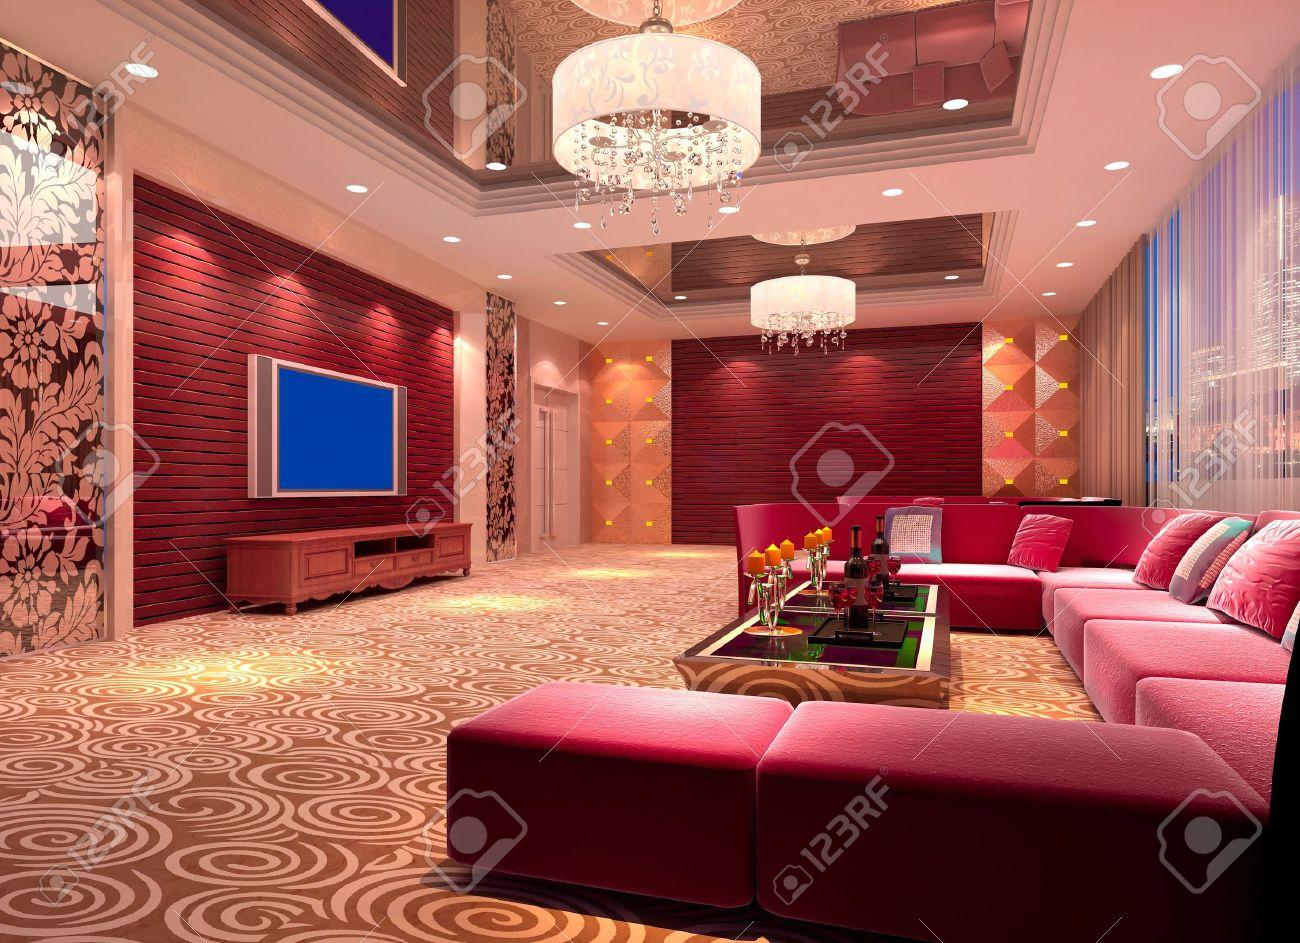 Room Interior 3d Diseño Español Diseño Interior Night Life Rendering (Diseño Vida Nocturna, Diseño de Interiores por la Noche)